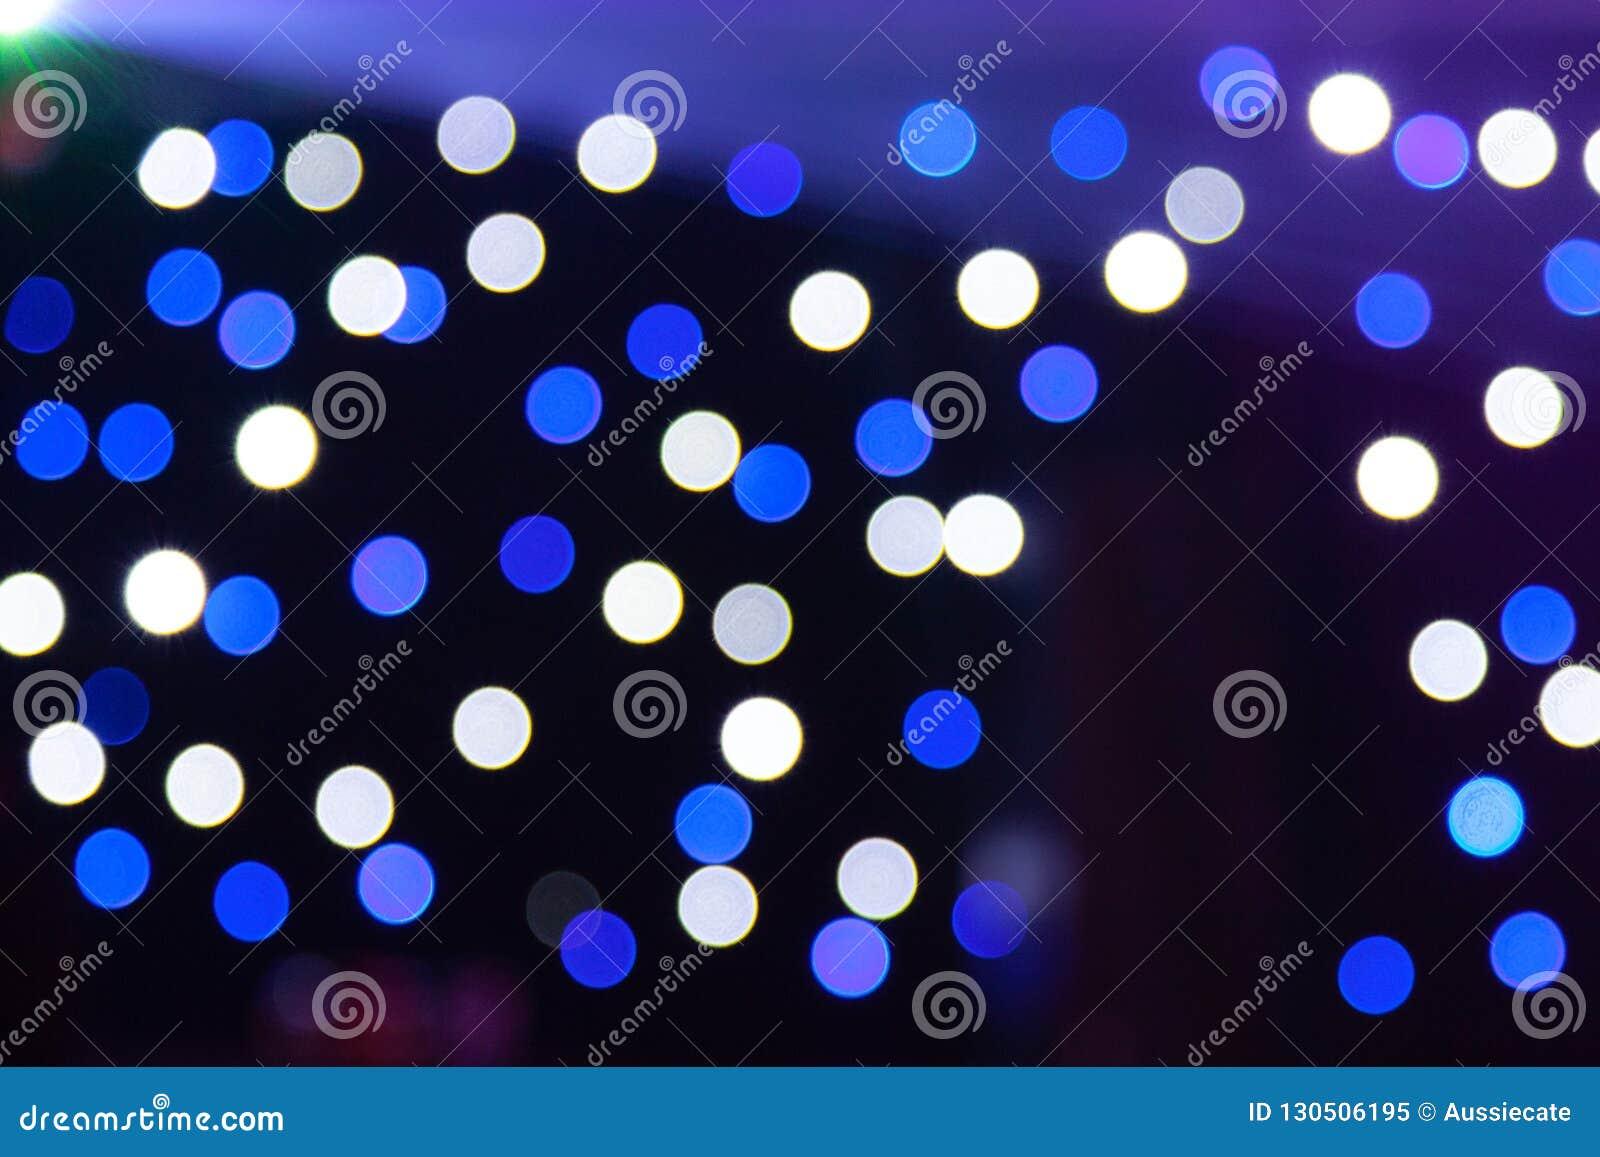 цвета ночного клуба